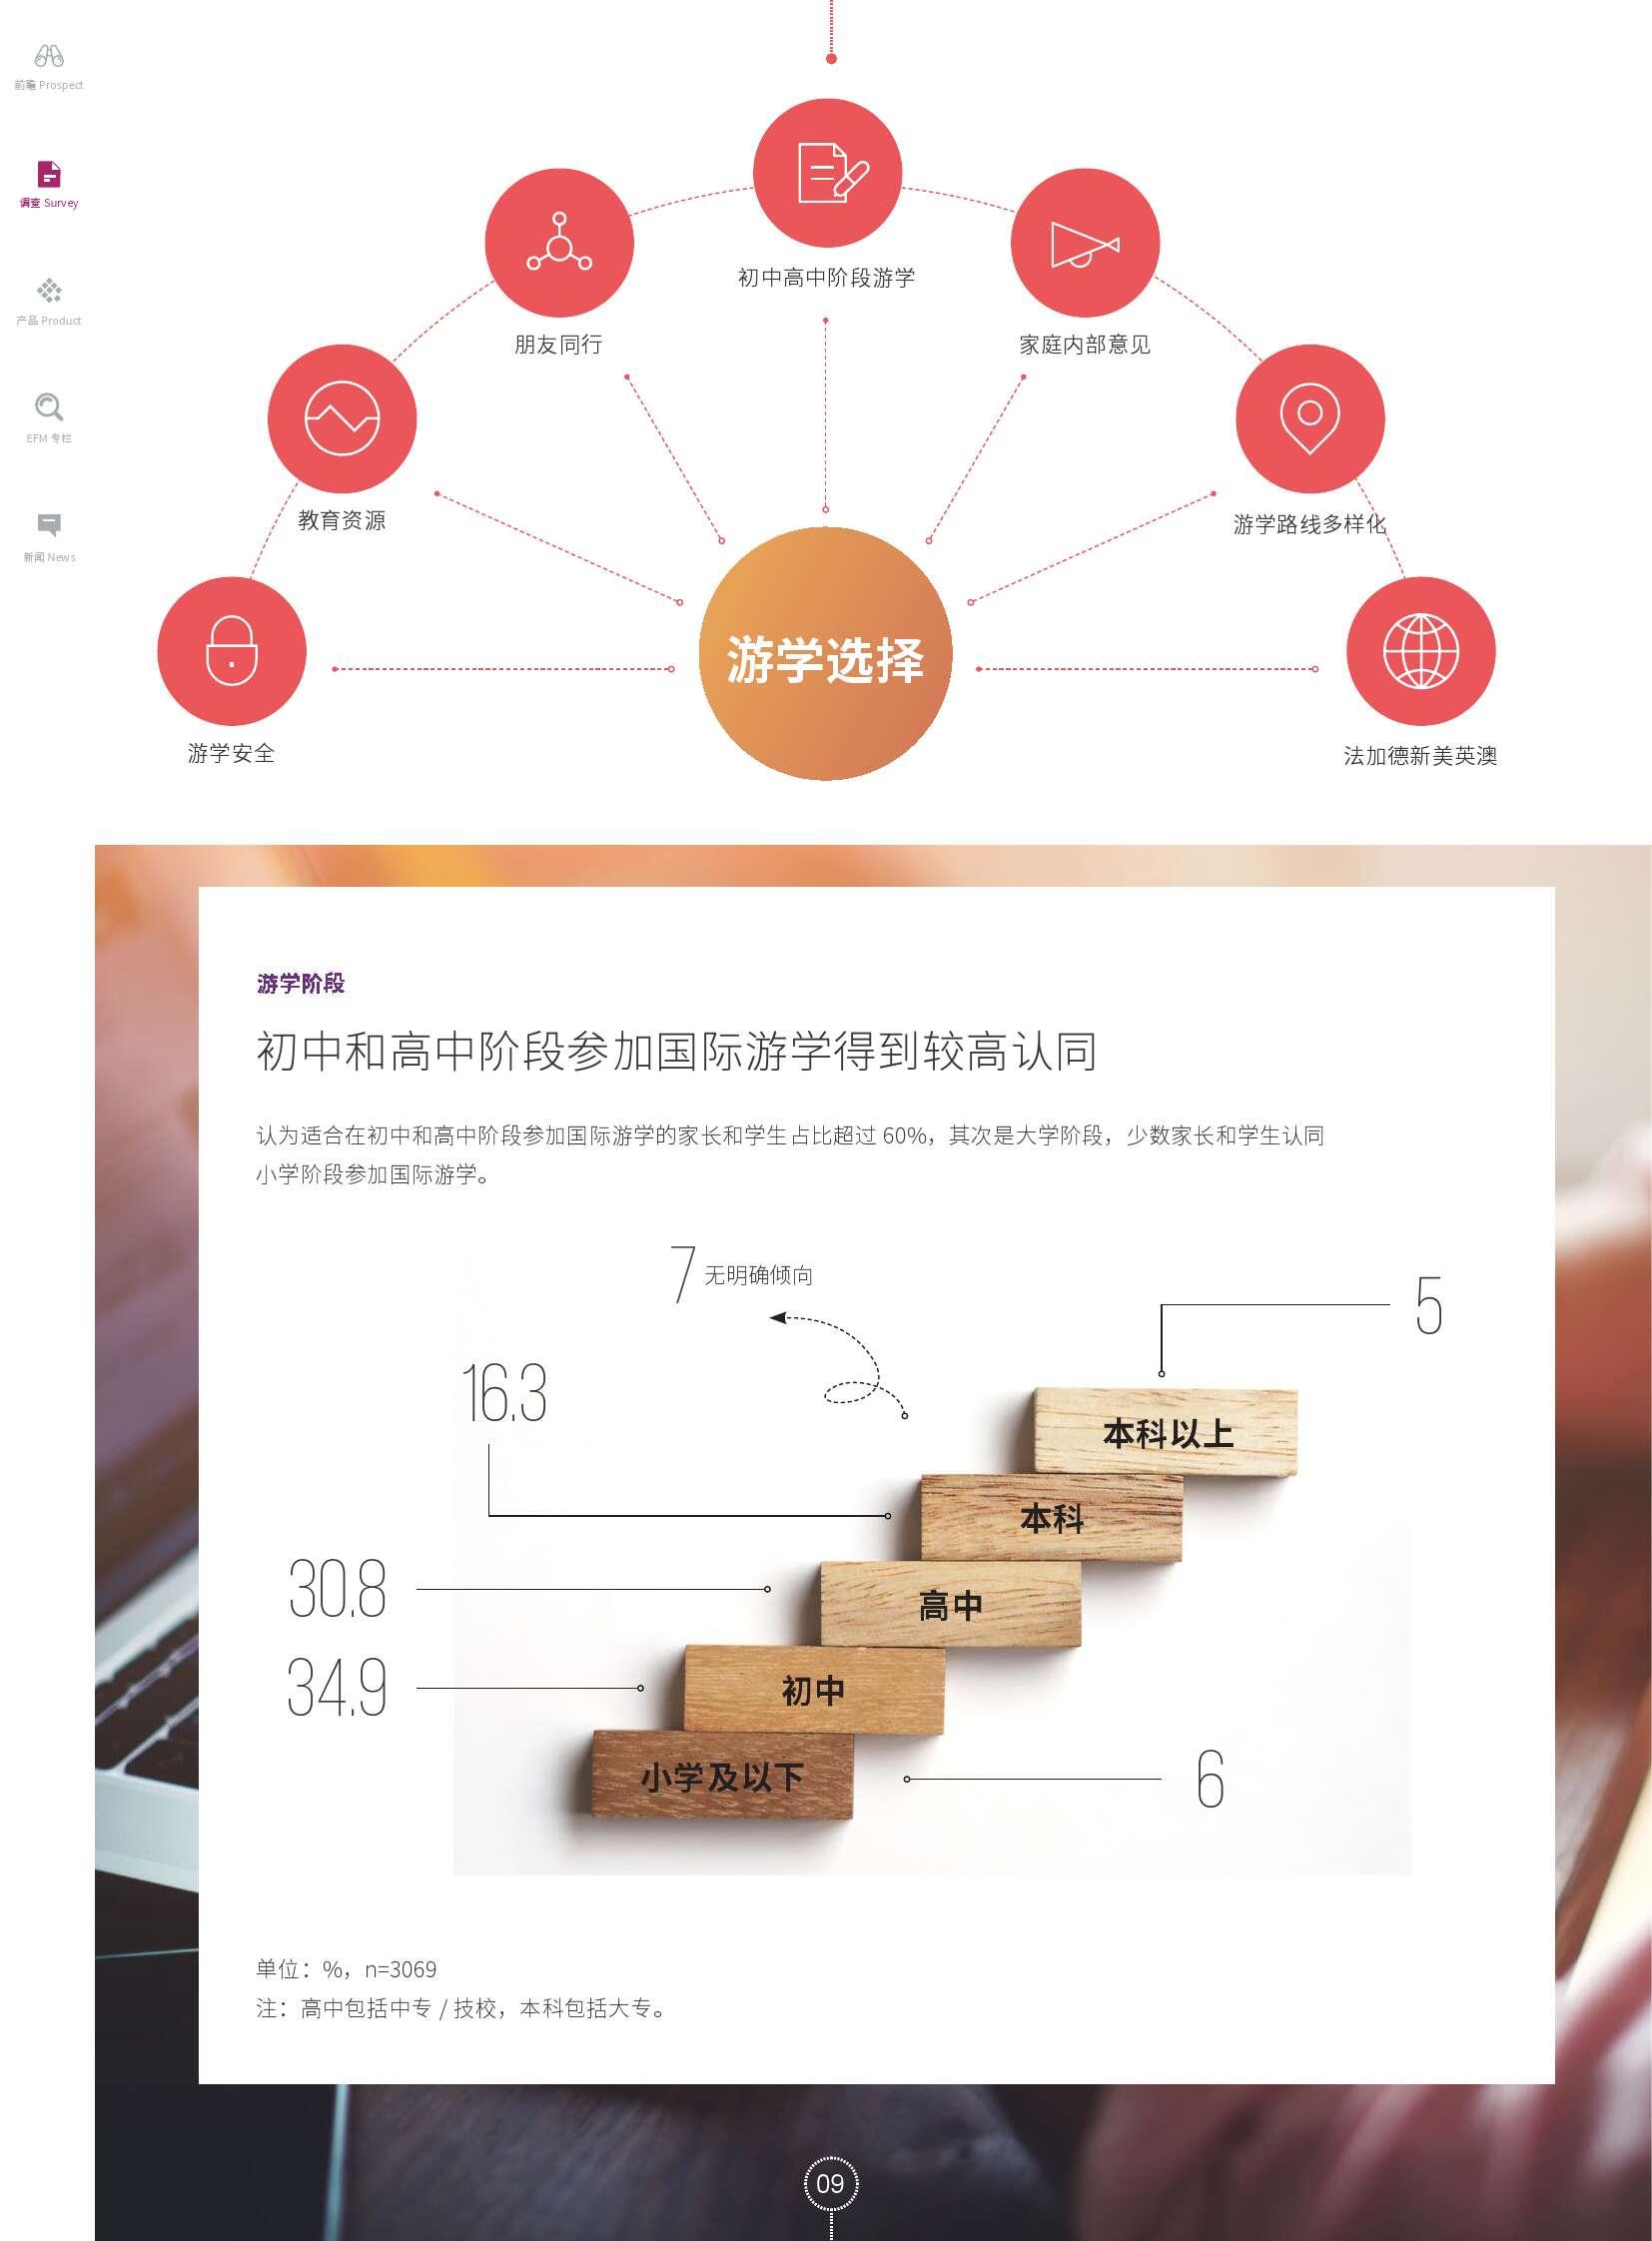 2016中国食品&饮料趋势及消费者洞察_000010